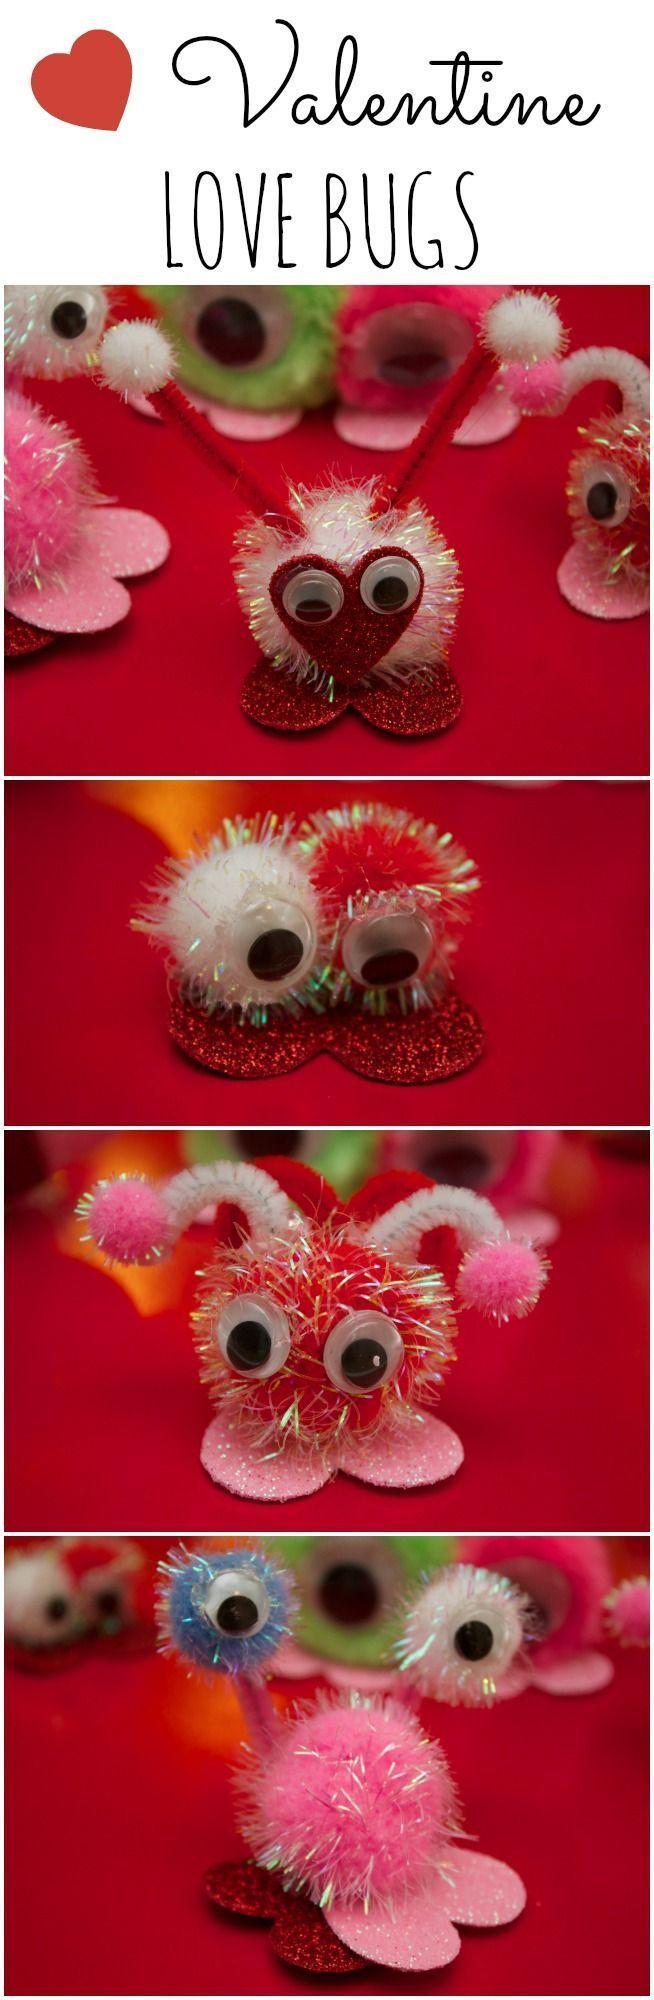 Valentine Craft Ideas For KidsLove Bugs Valentine